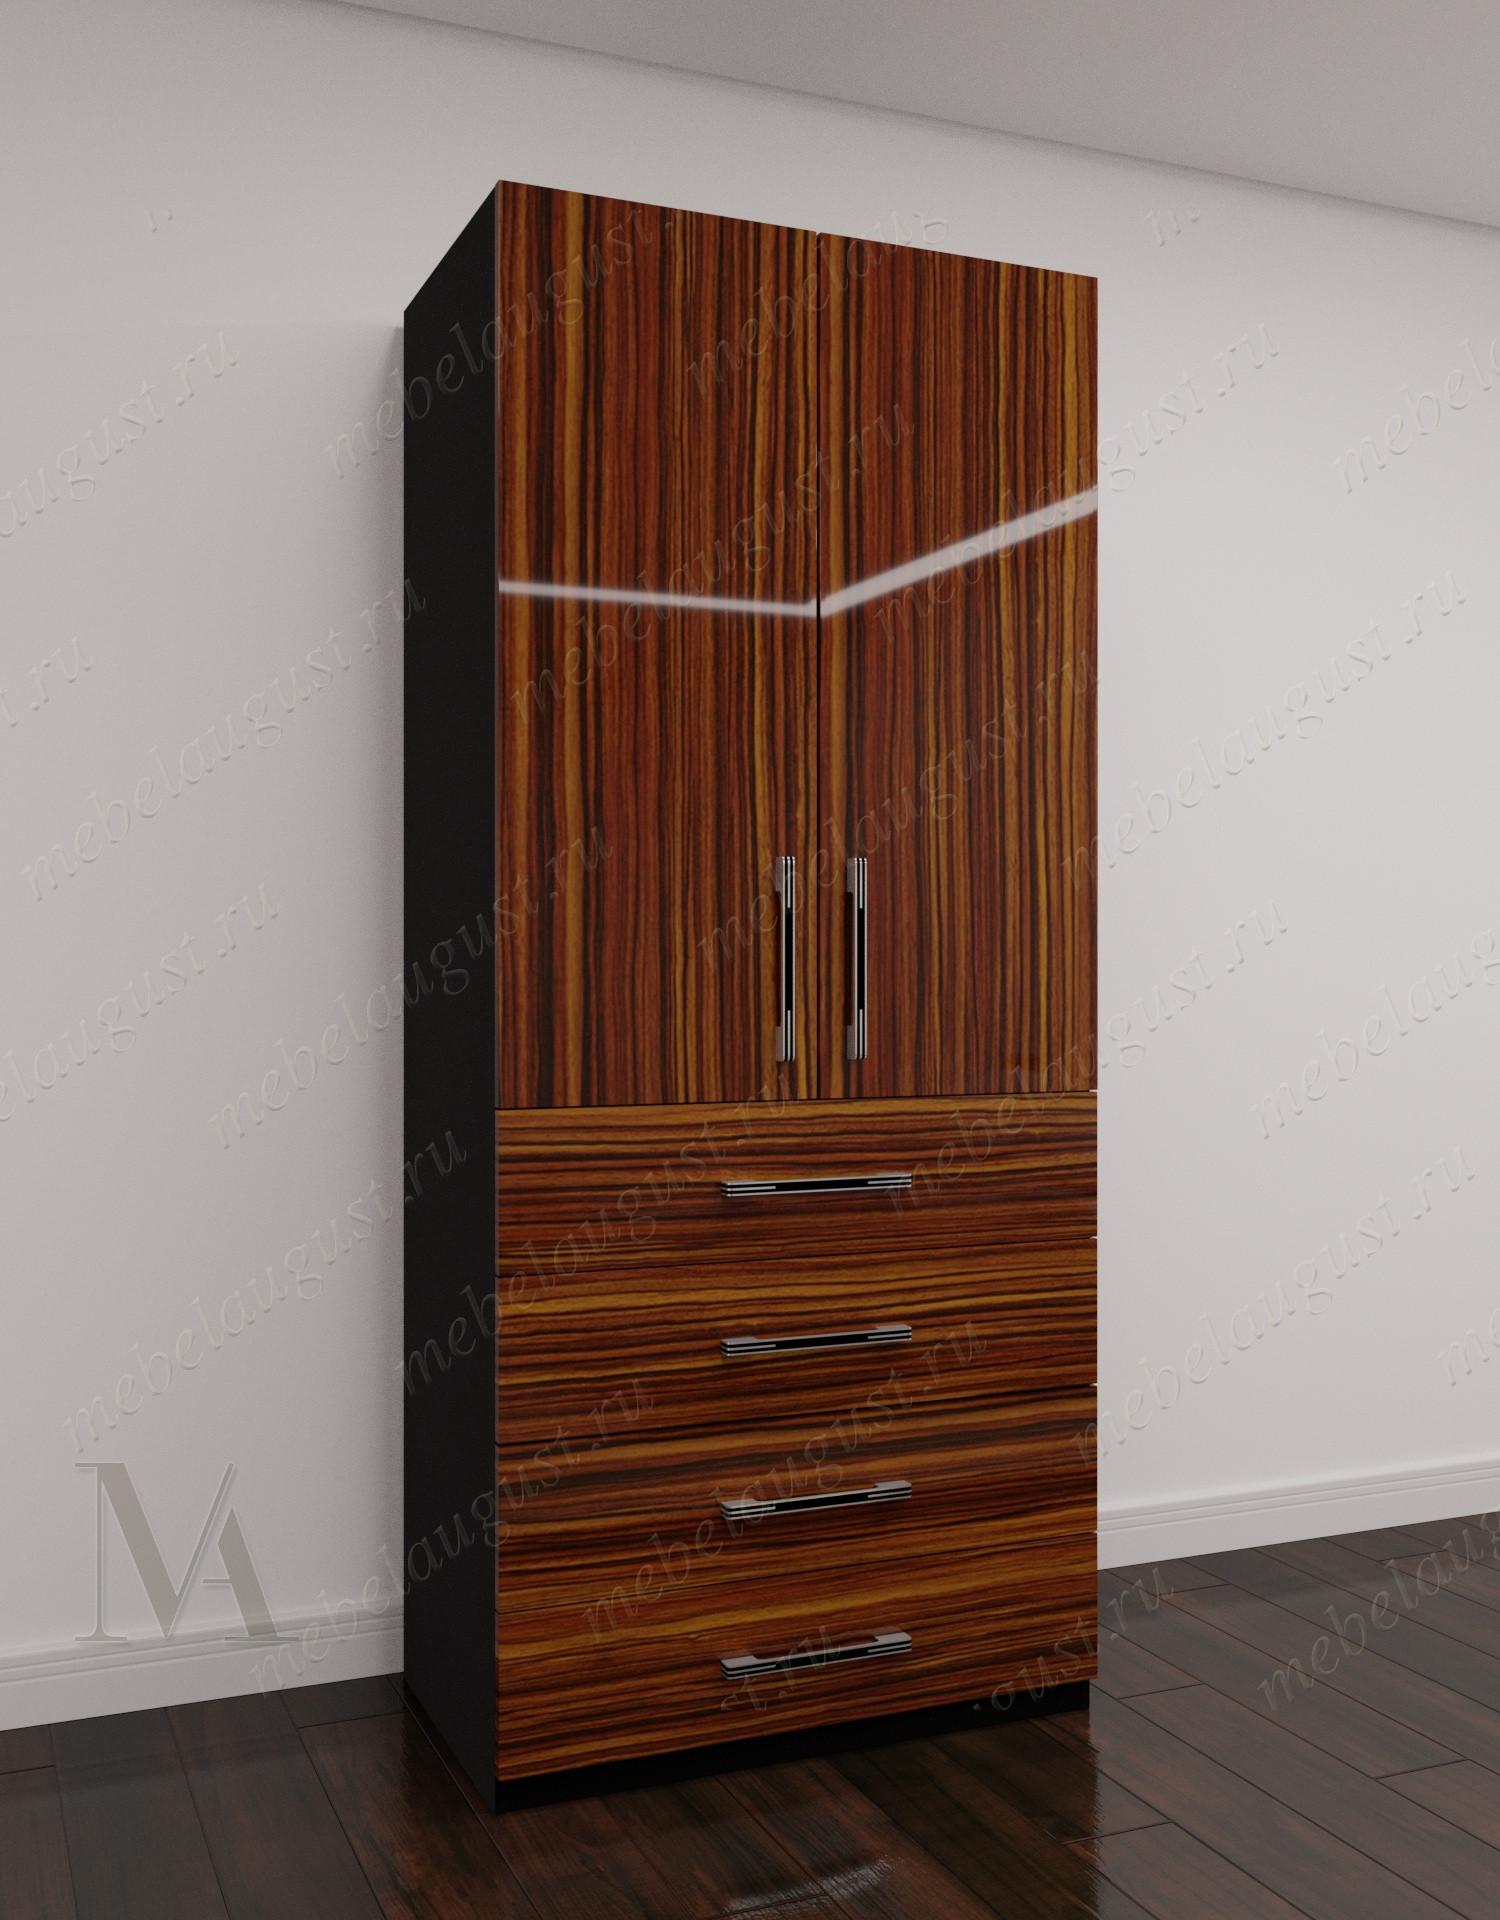 Глянцевый двухдверный распашной шкаф для одежды для спальни с выдвижными ящиками